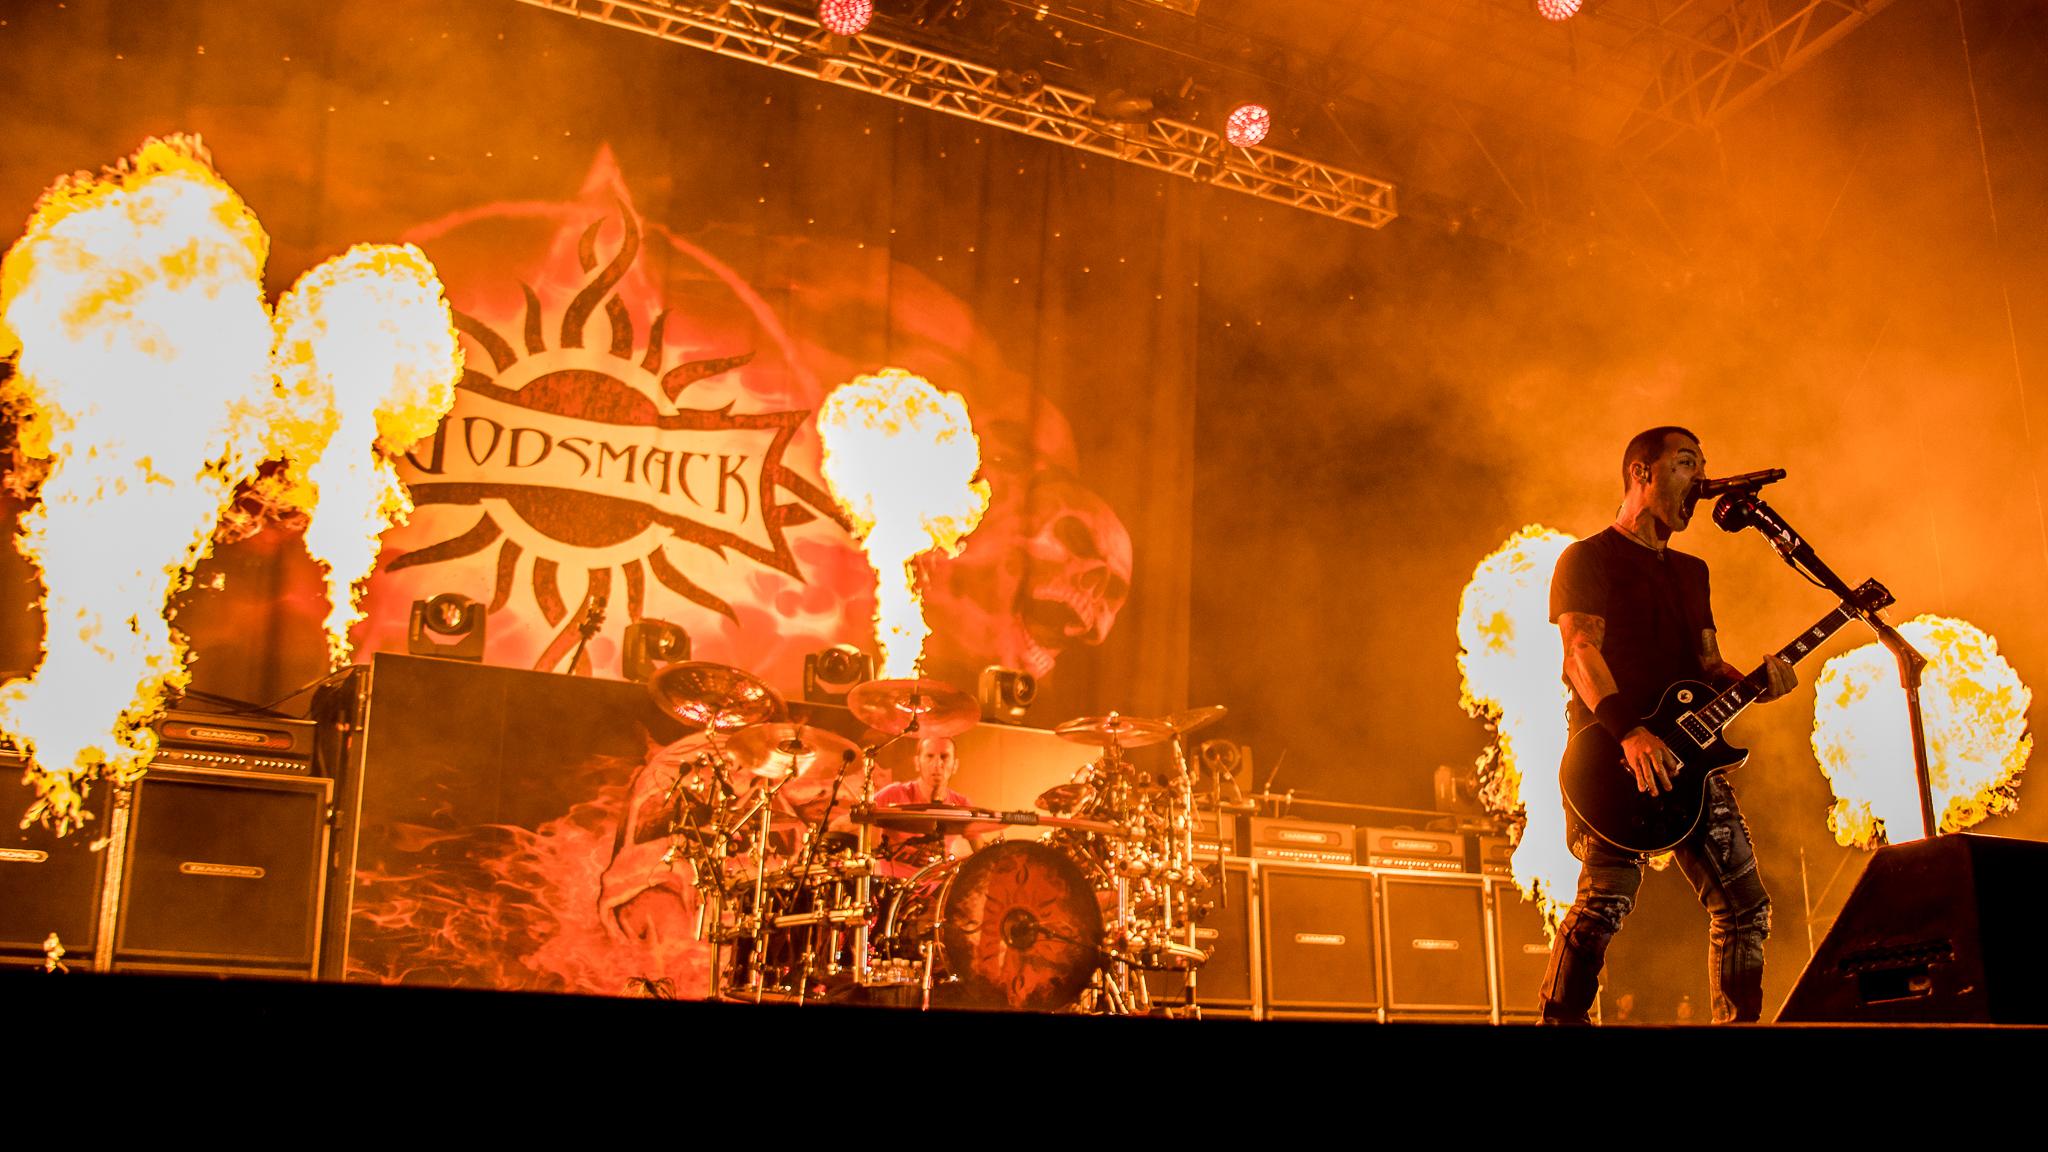 Godsmack Musikfest